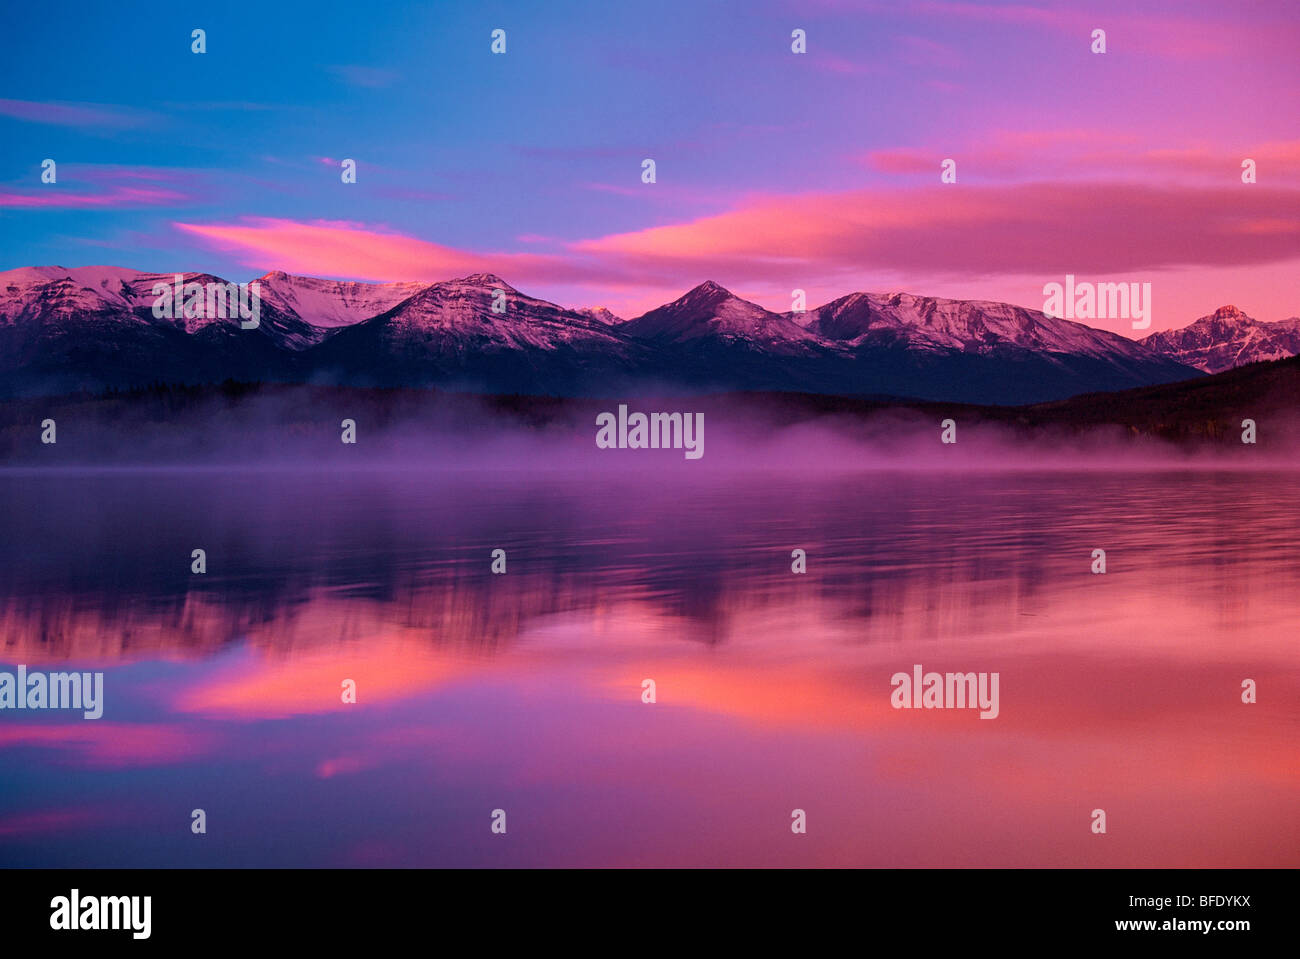 Les montagnes au sud-ouest de Jasper reflété dans le lac Pyramid au lever du soleil, Jasper National Park, Photo Stock